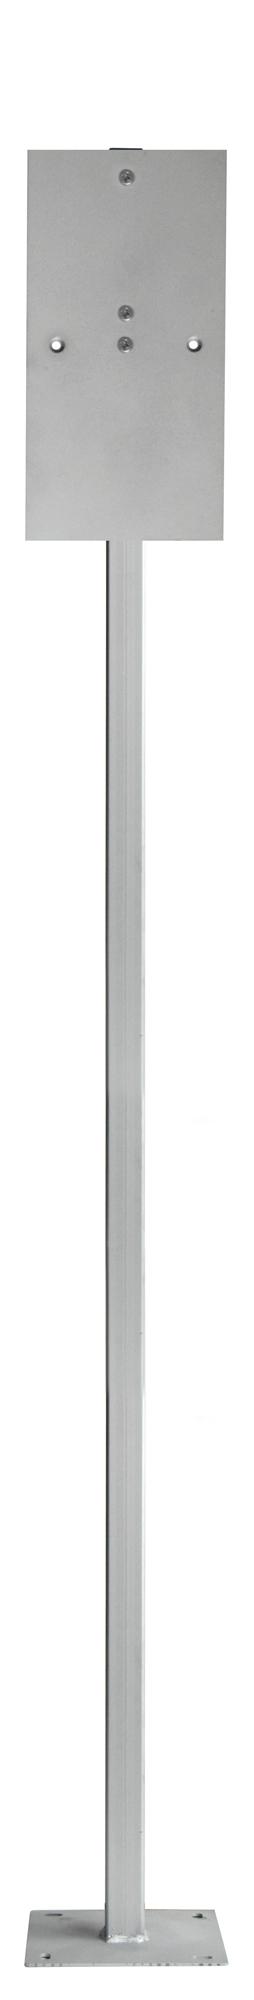 SMFT1218 ()